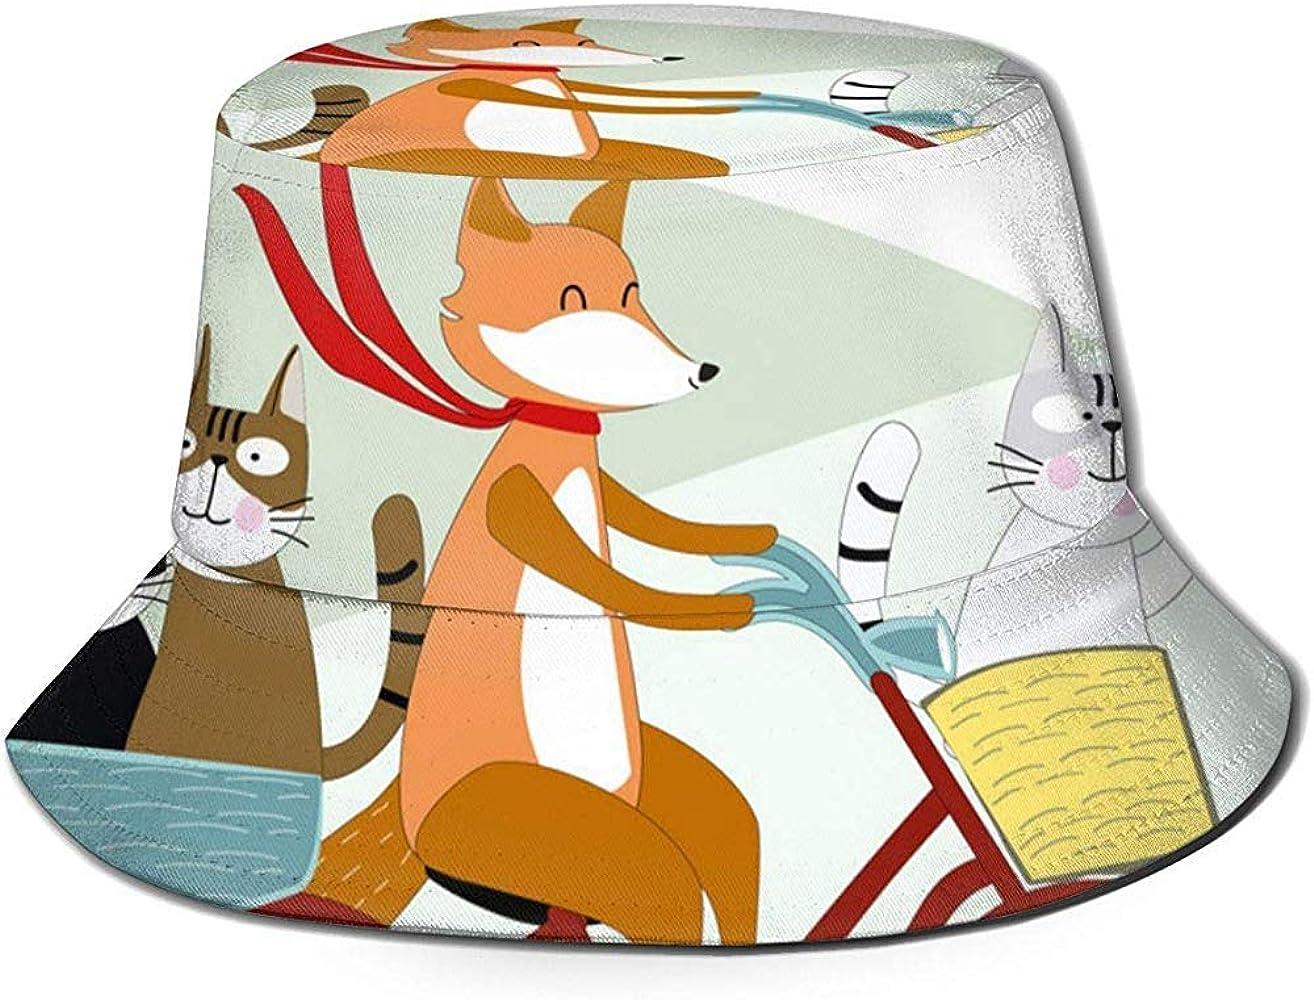 Bicicleta Fox Ride con Gato Cartoon_1317 Sombrero Unisex de algodón Lavado Sombrero de Gorra de Verano al Aire Libre: Amazon.es: Ropa y accesorios